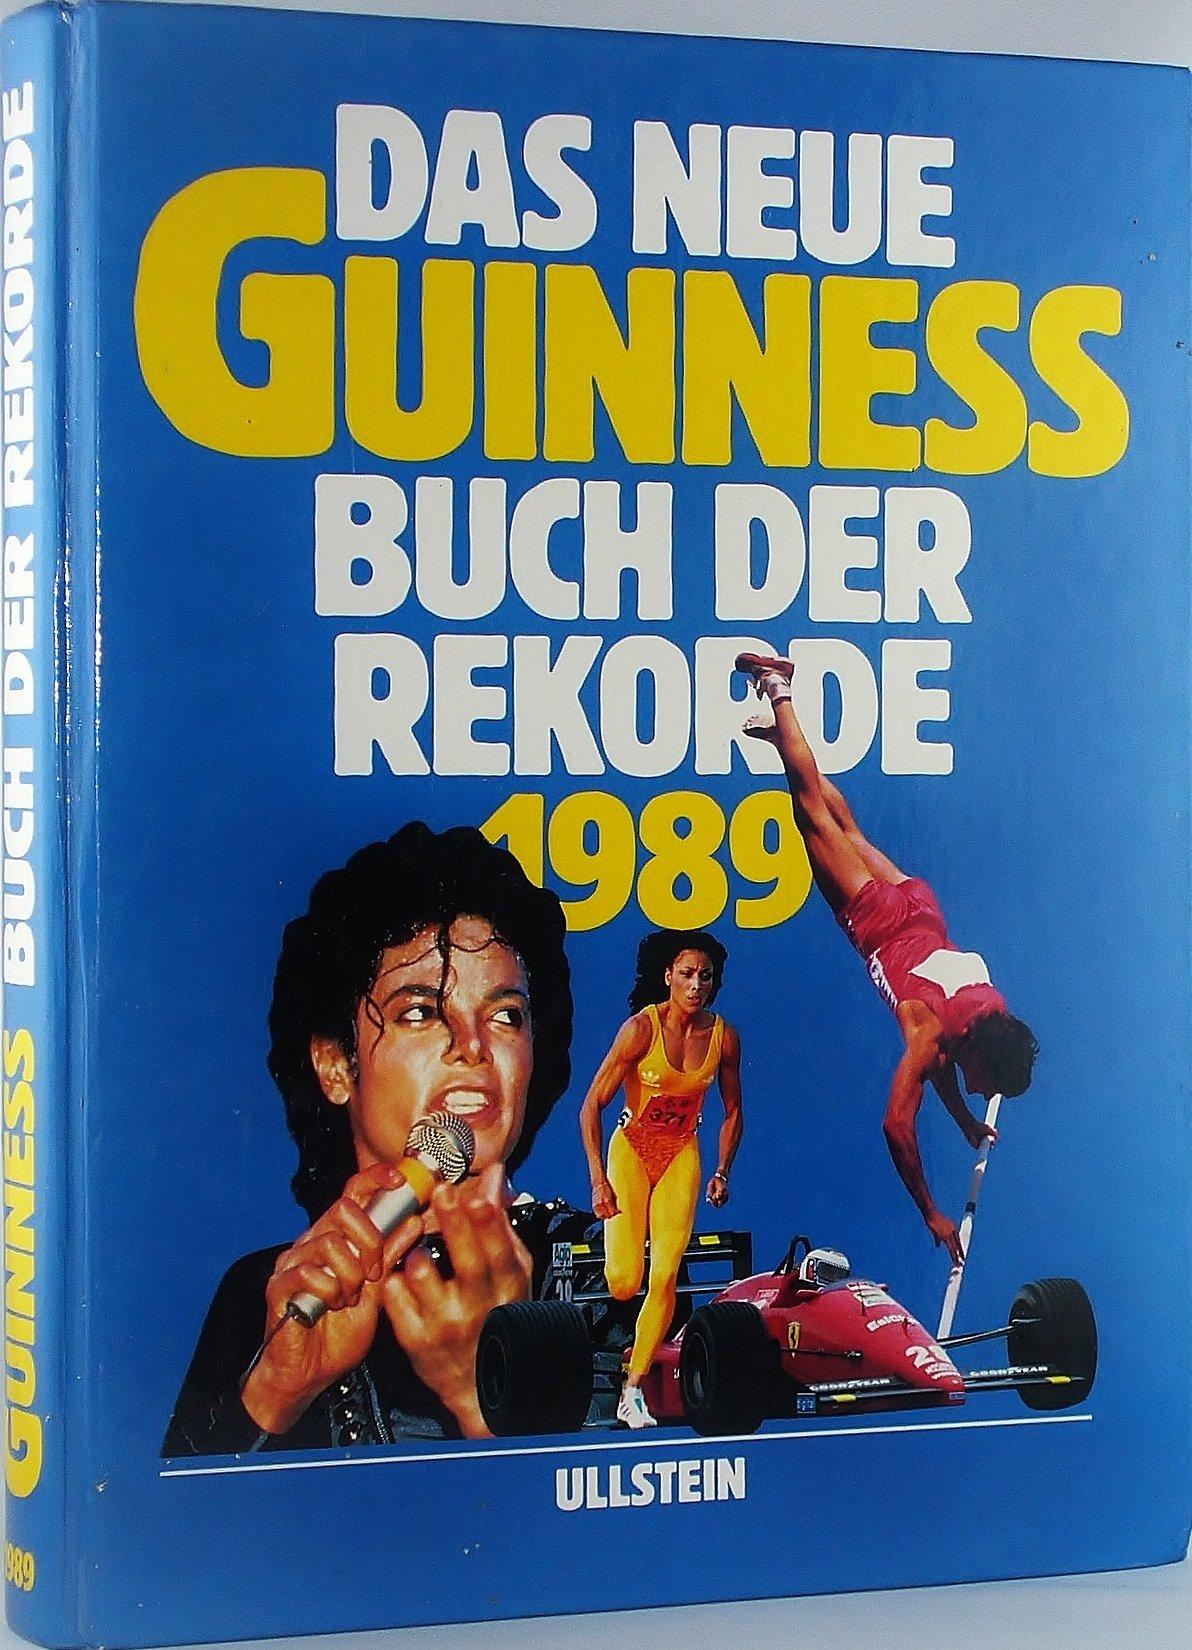 Das neue Guinness Buch der Rekorde 1989